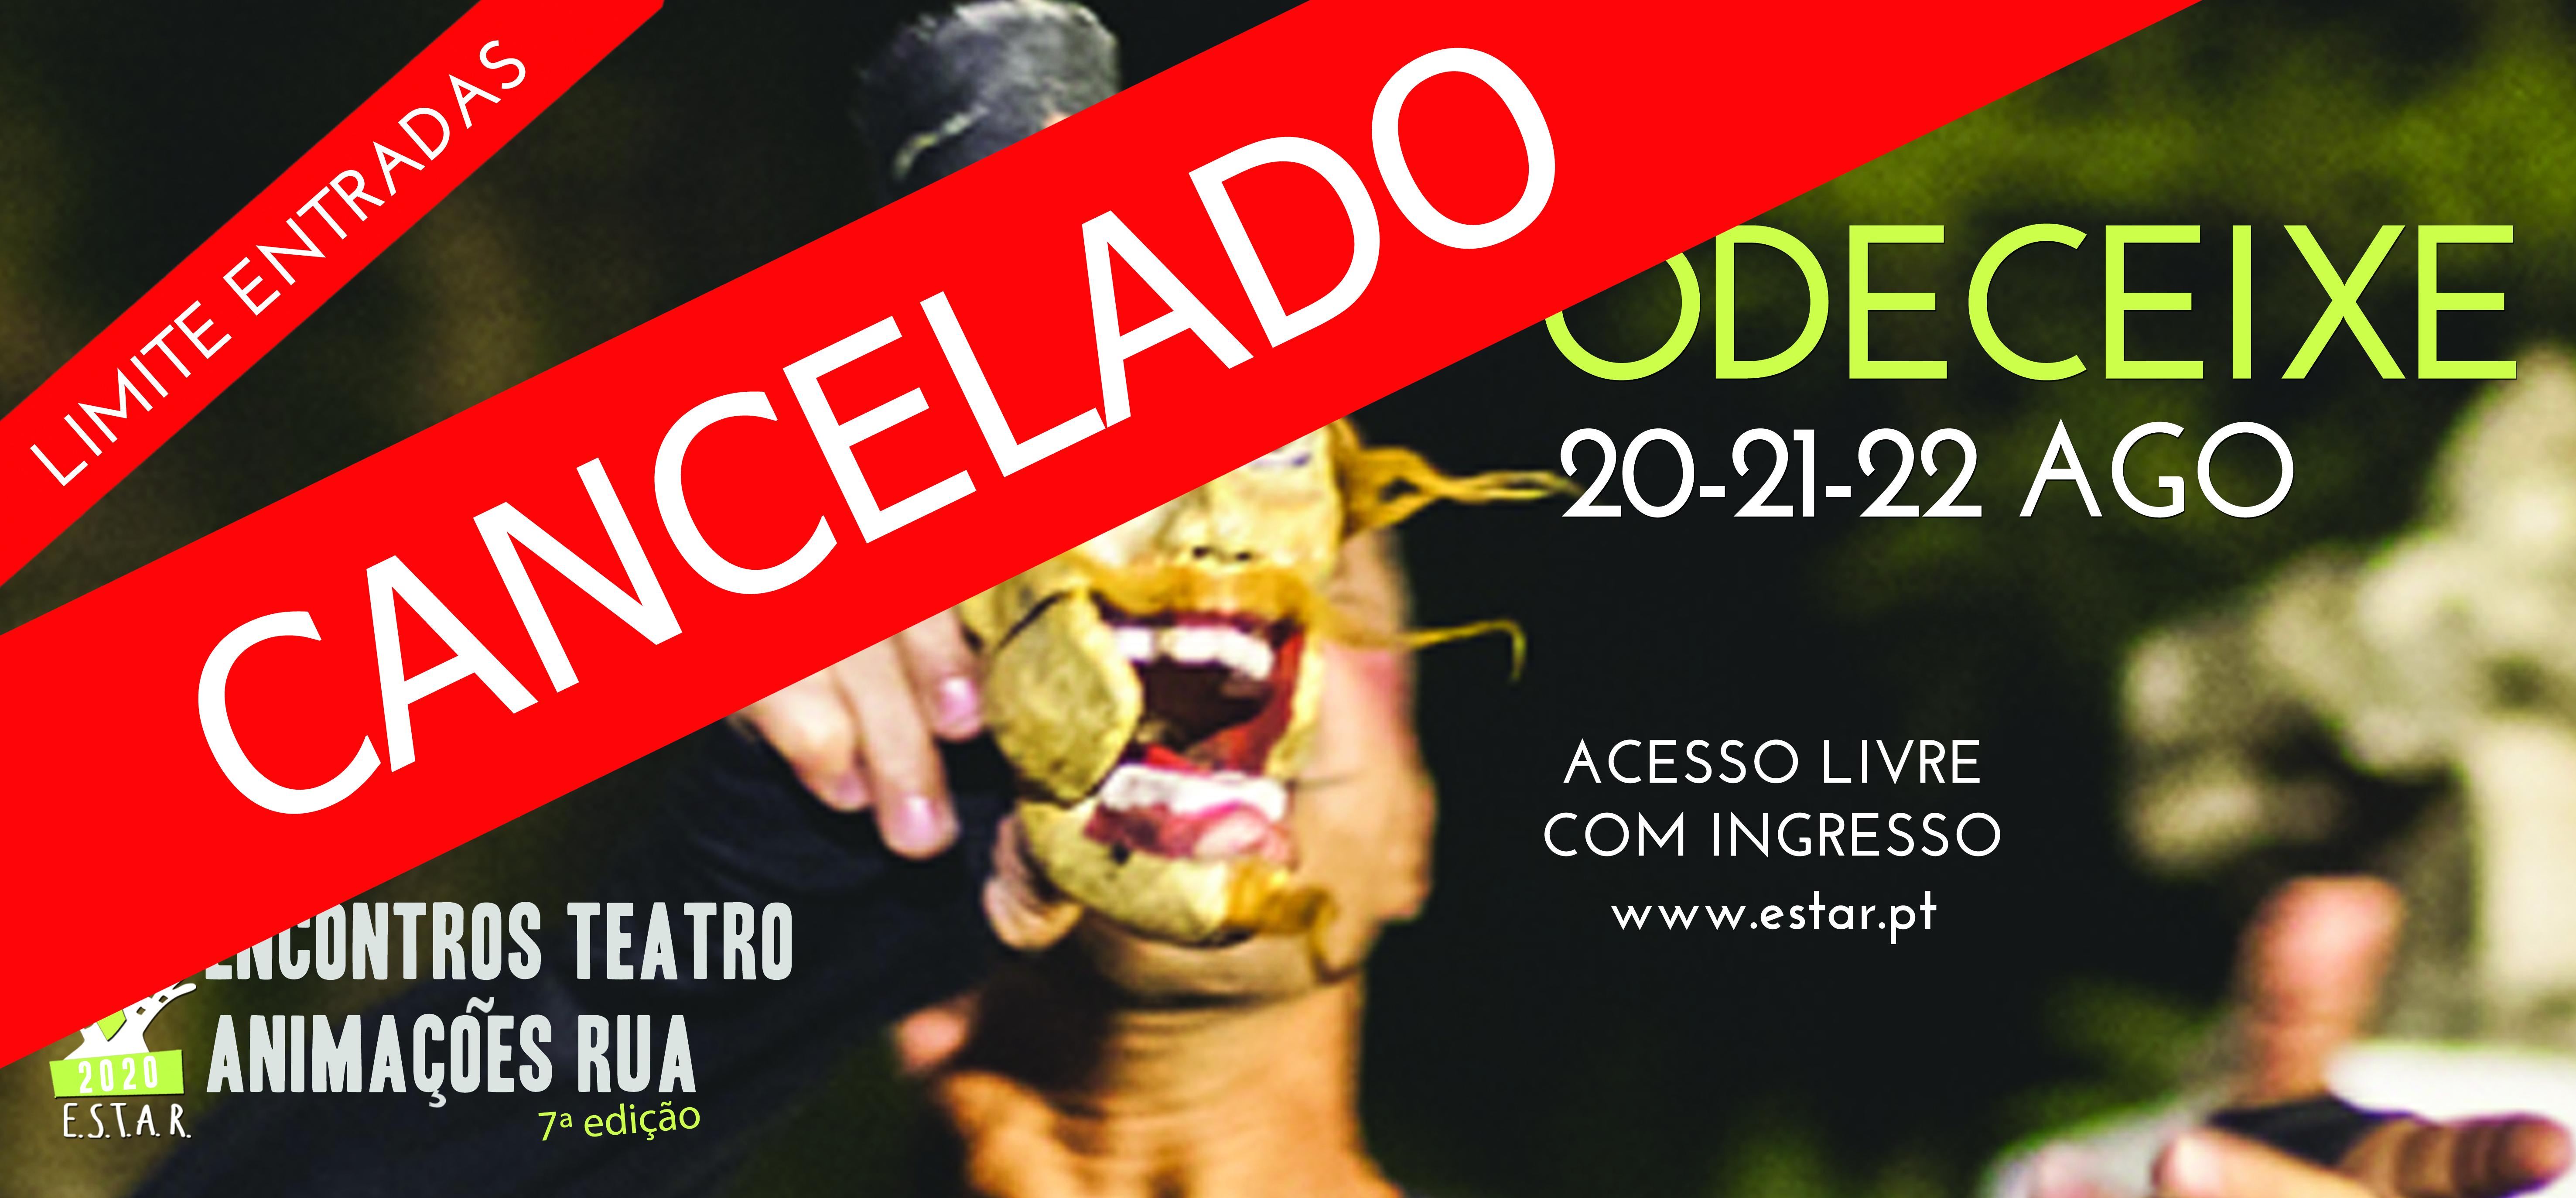 FAcebook20 CANCELADO